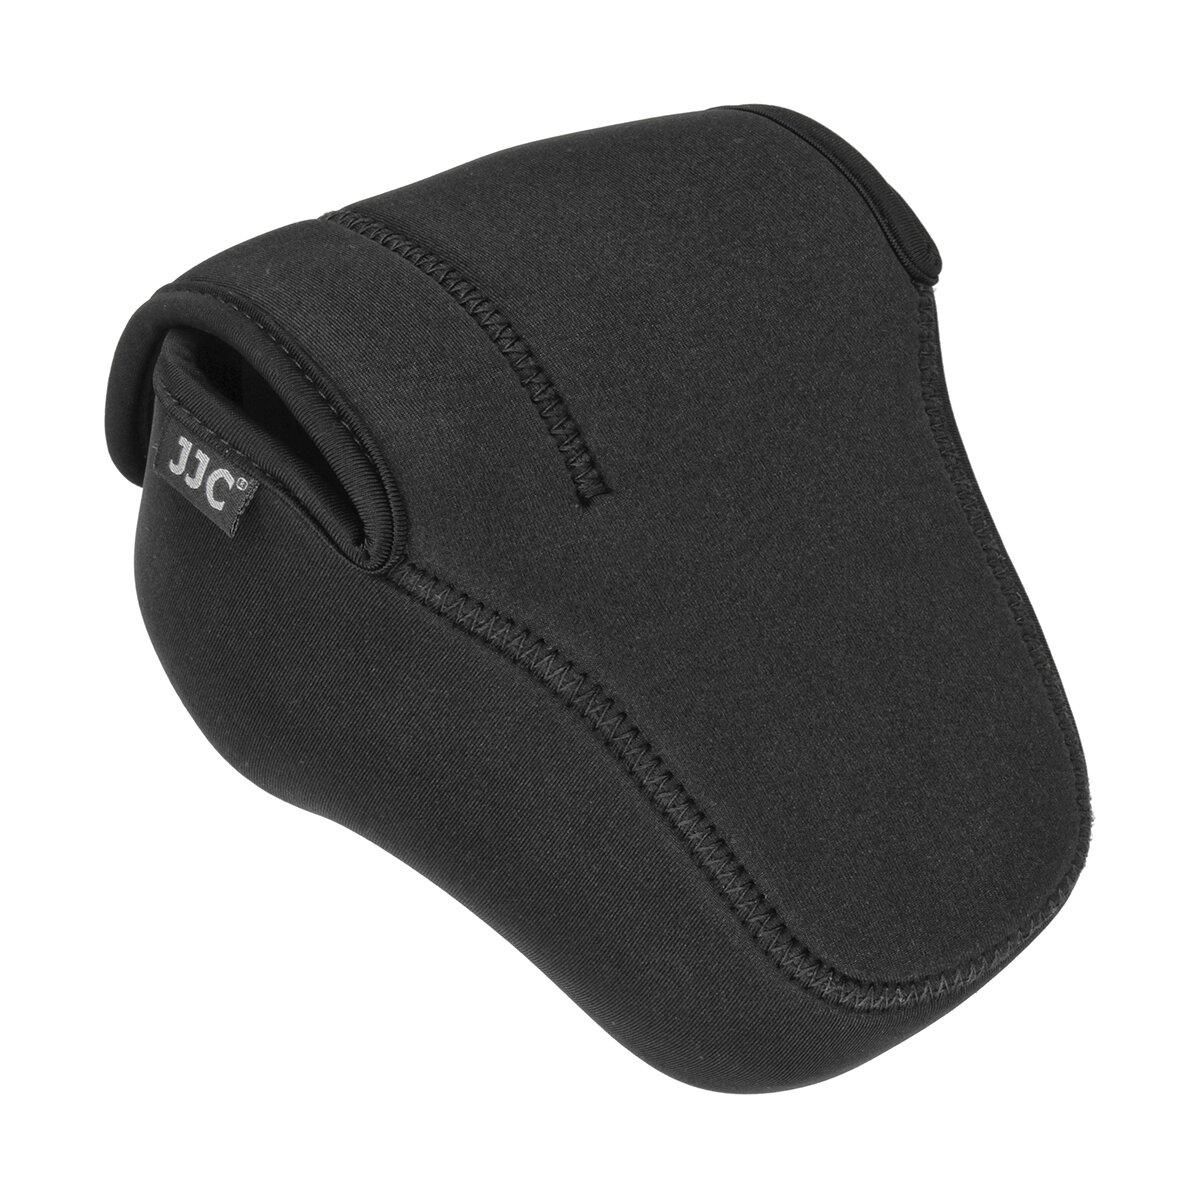 JJC Neopren-Kameraschutzhülle für kleine bis mittlere DSLR-Kamera inkl. Objektiv bis 10 cm Länge